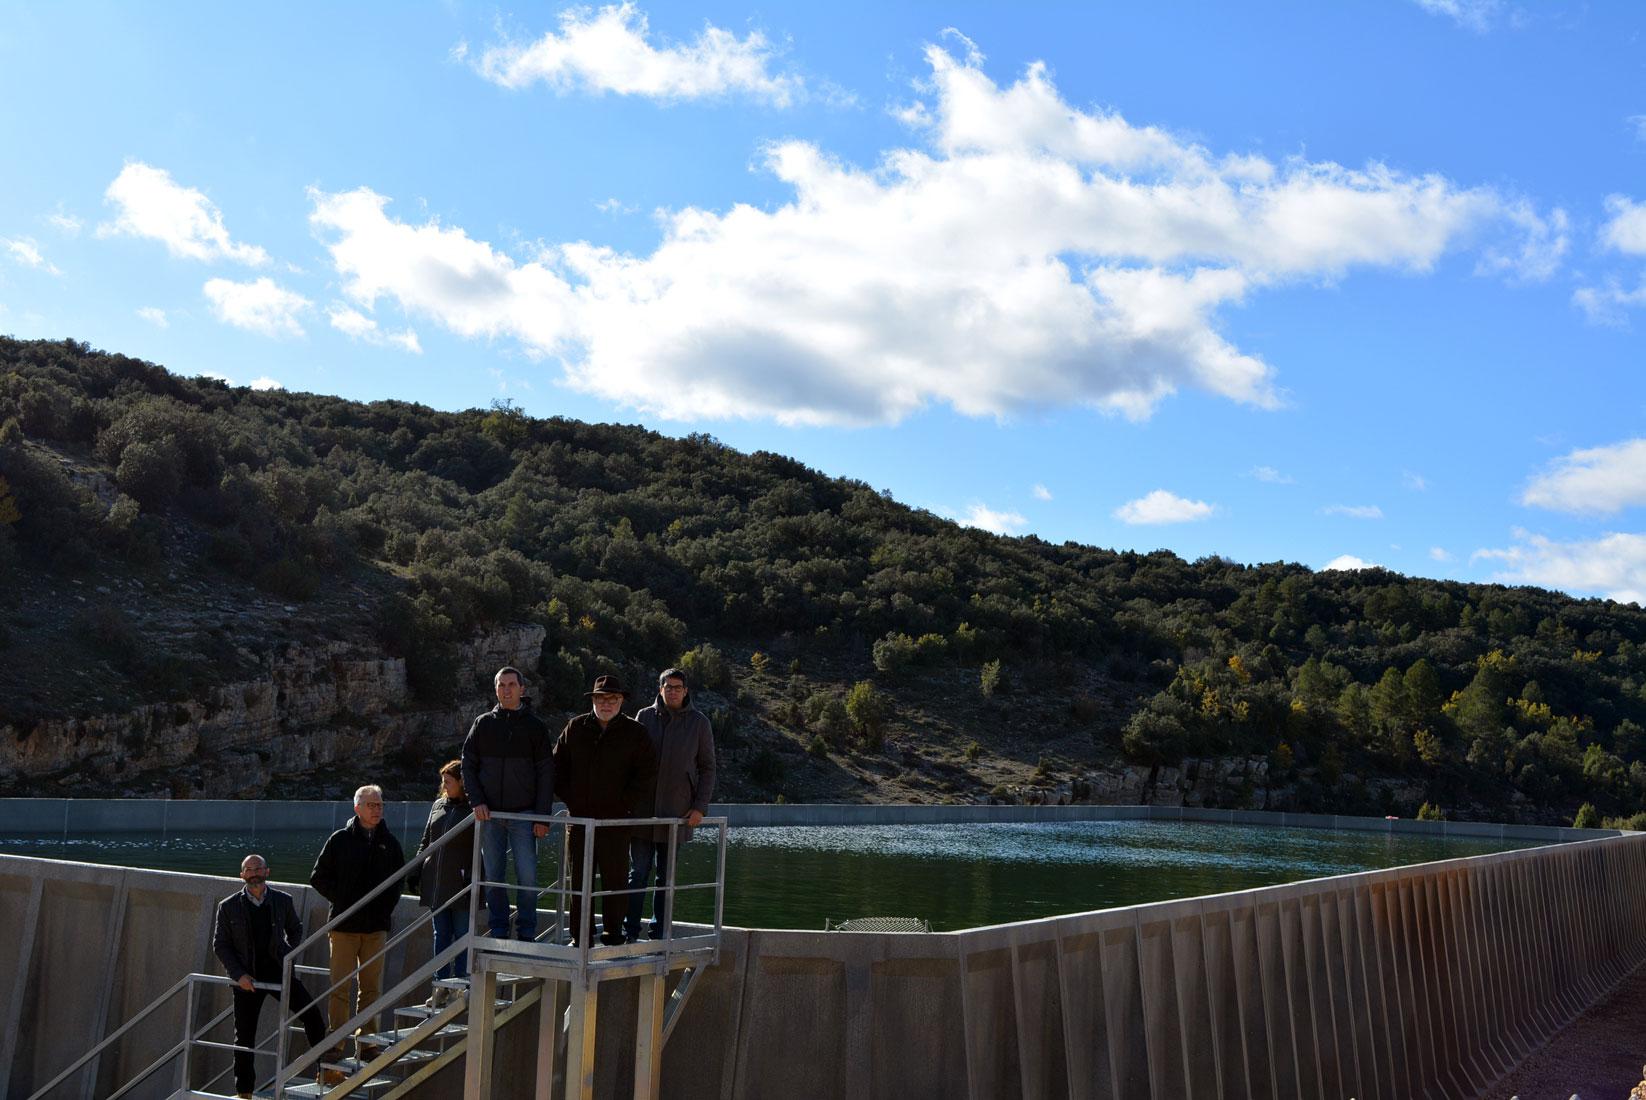 Depòsit d'abastiment d'aigua de la Torre Segura a Morella